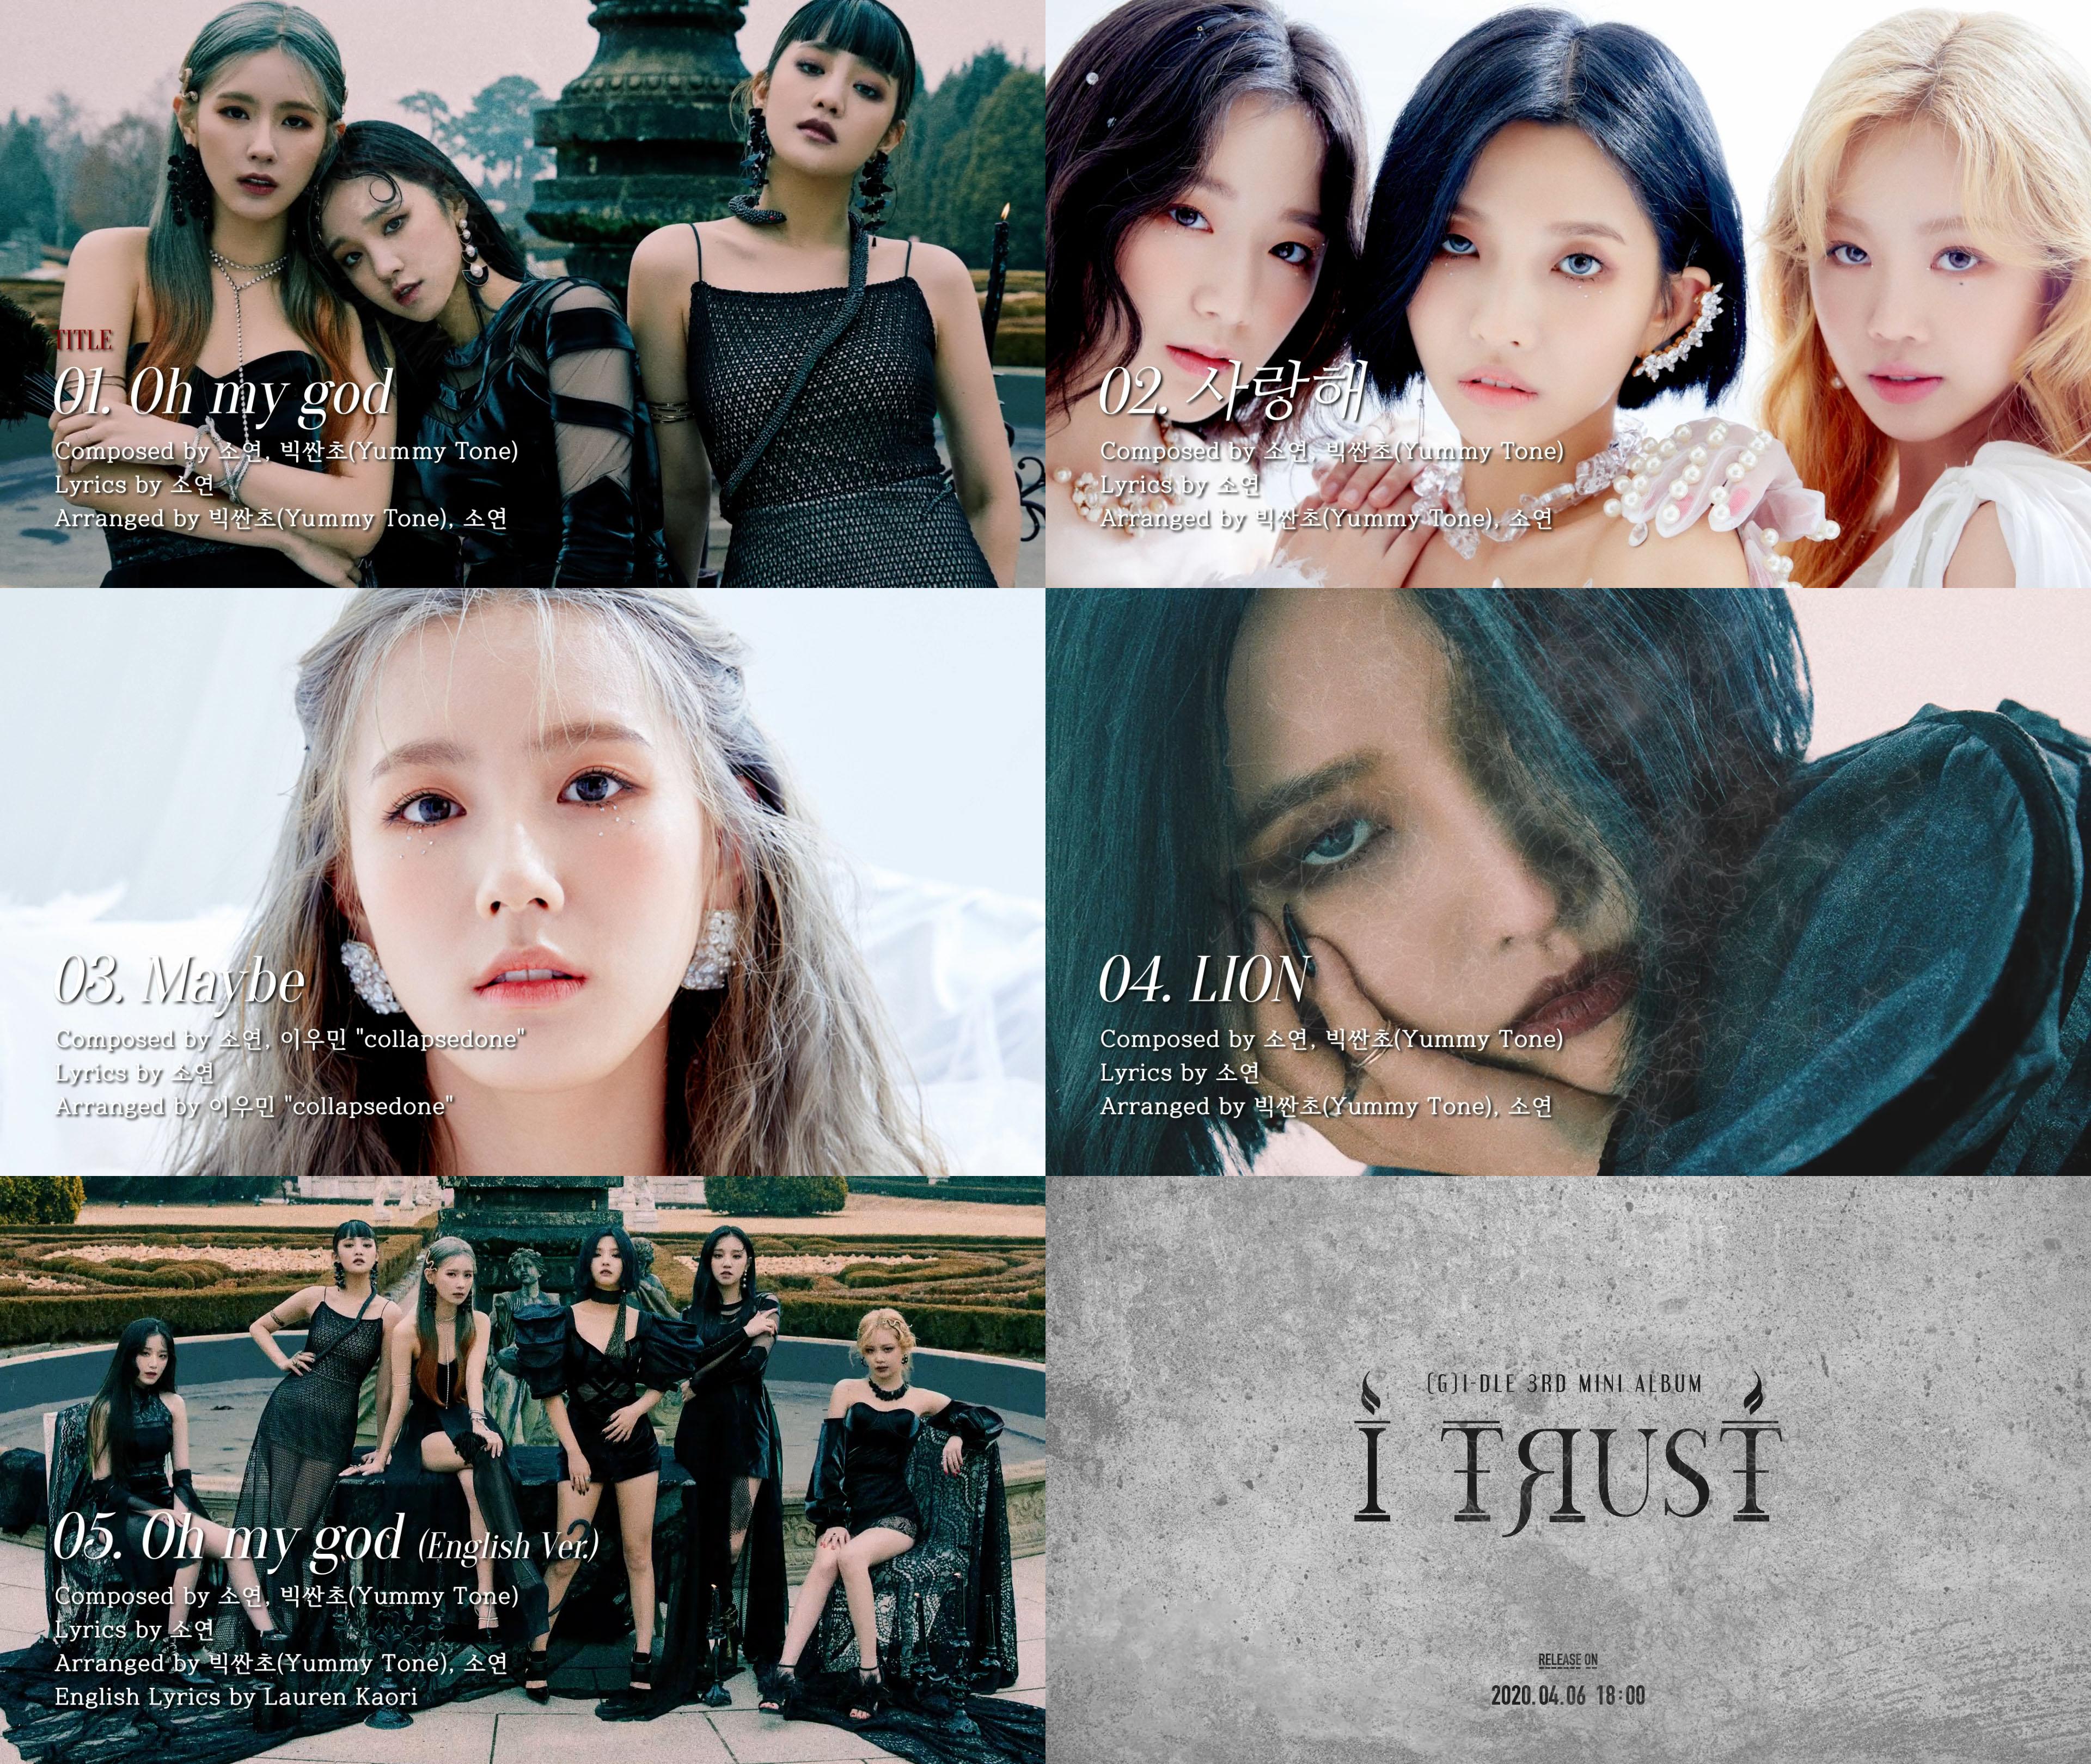 (여자)아이들, 'I trust' 오디오 티저 영상 공개… 히트곡 탄생 예고